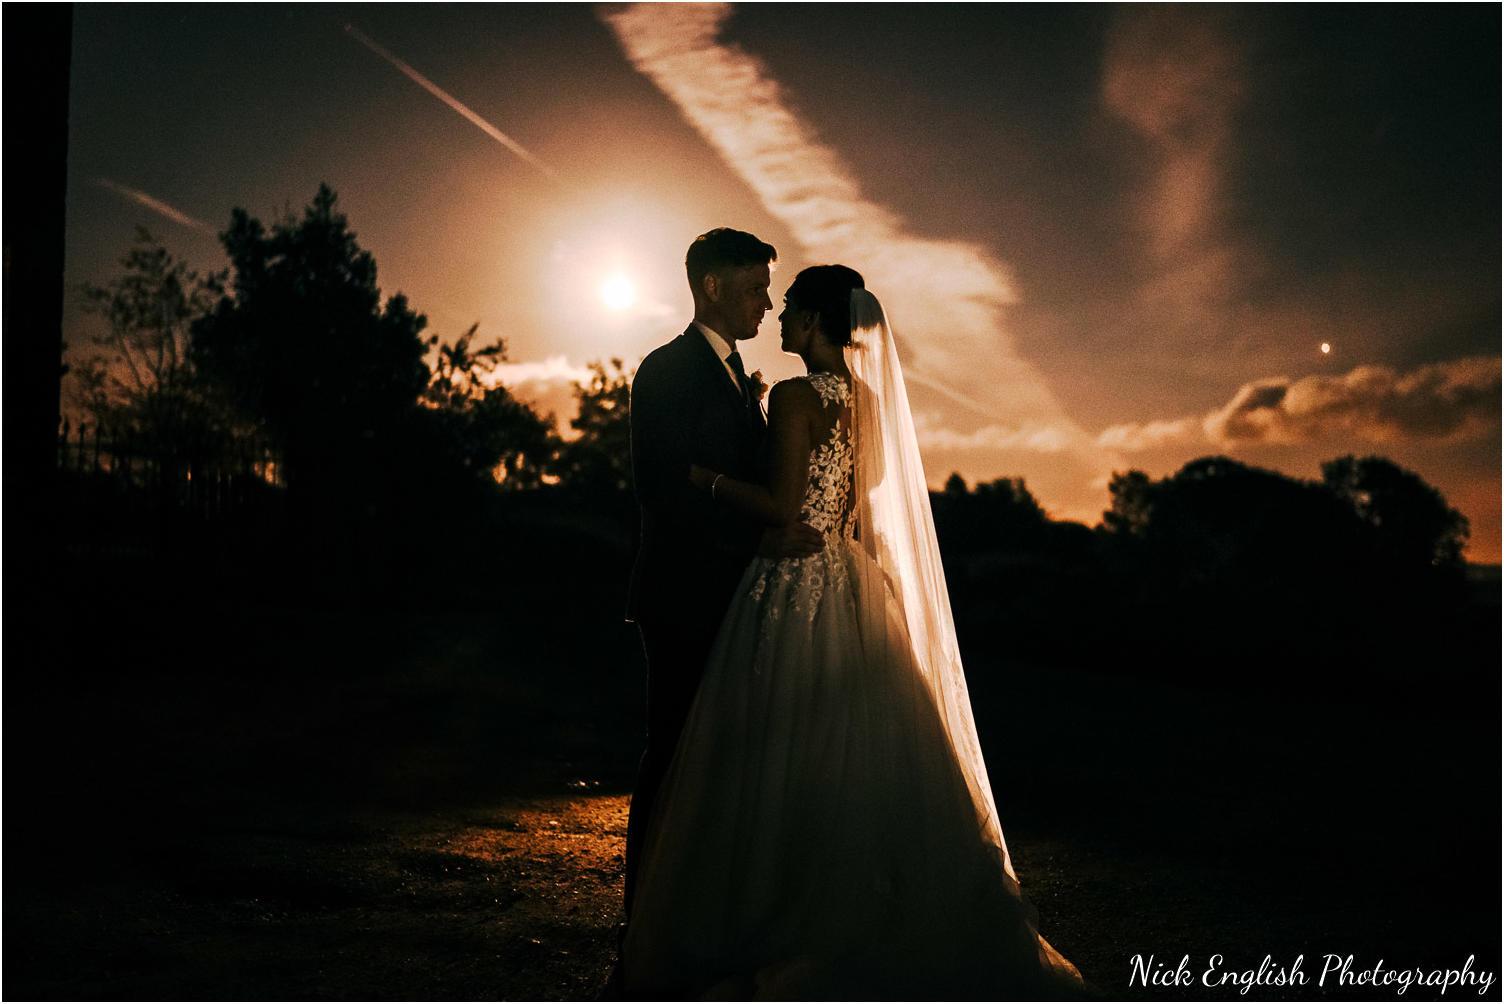 Browsholme_Hall_Barn_Wedding_Nick_English_Photography-212.jpg